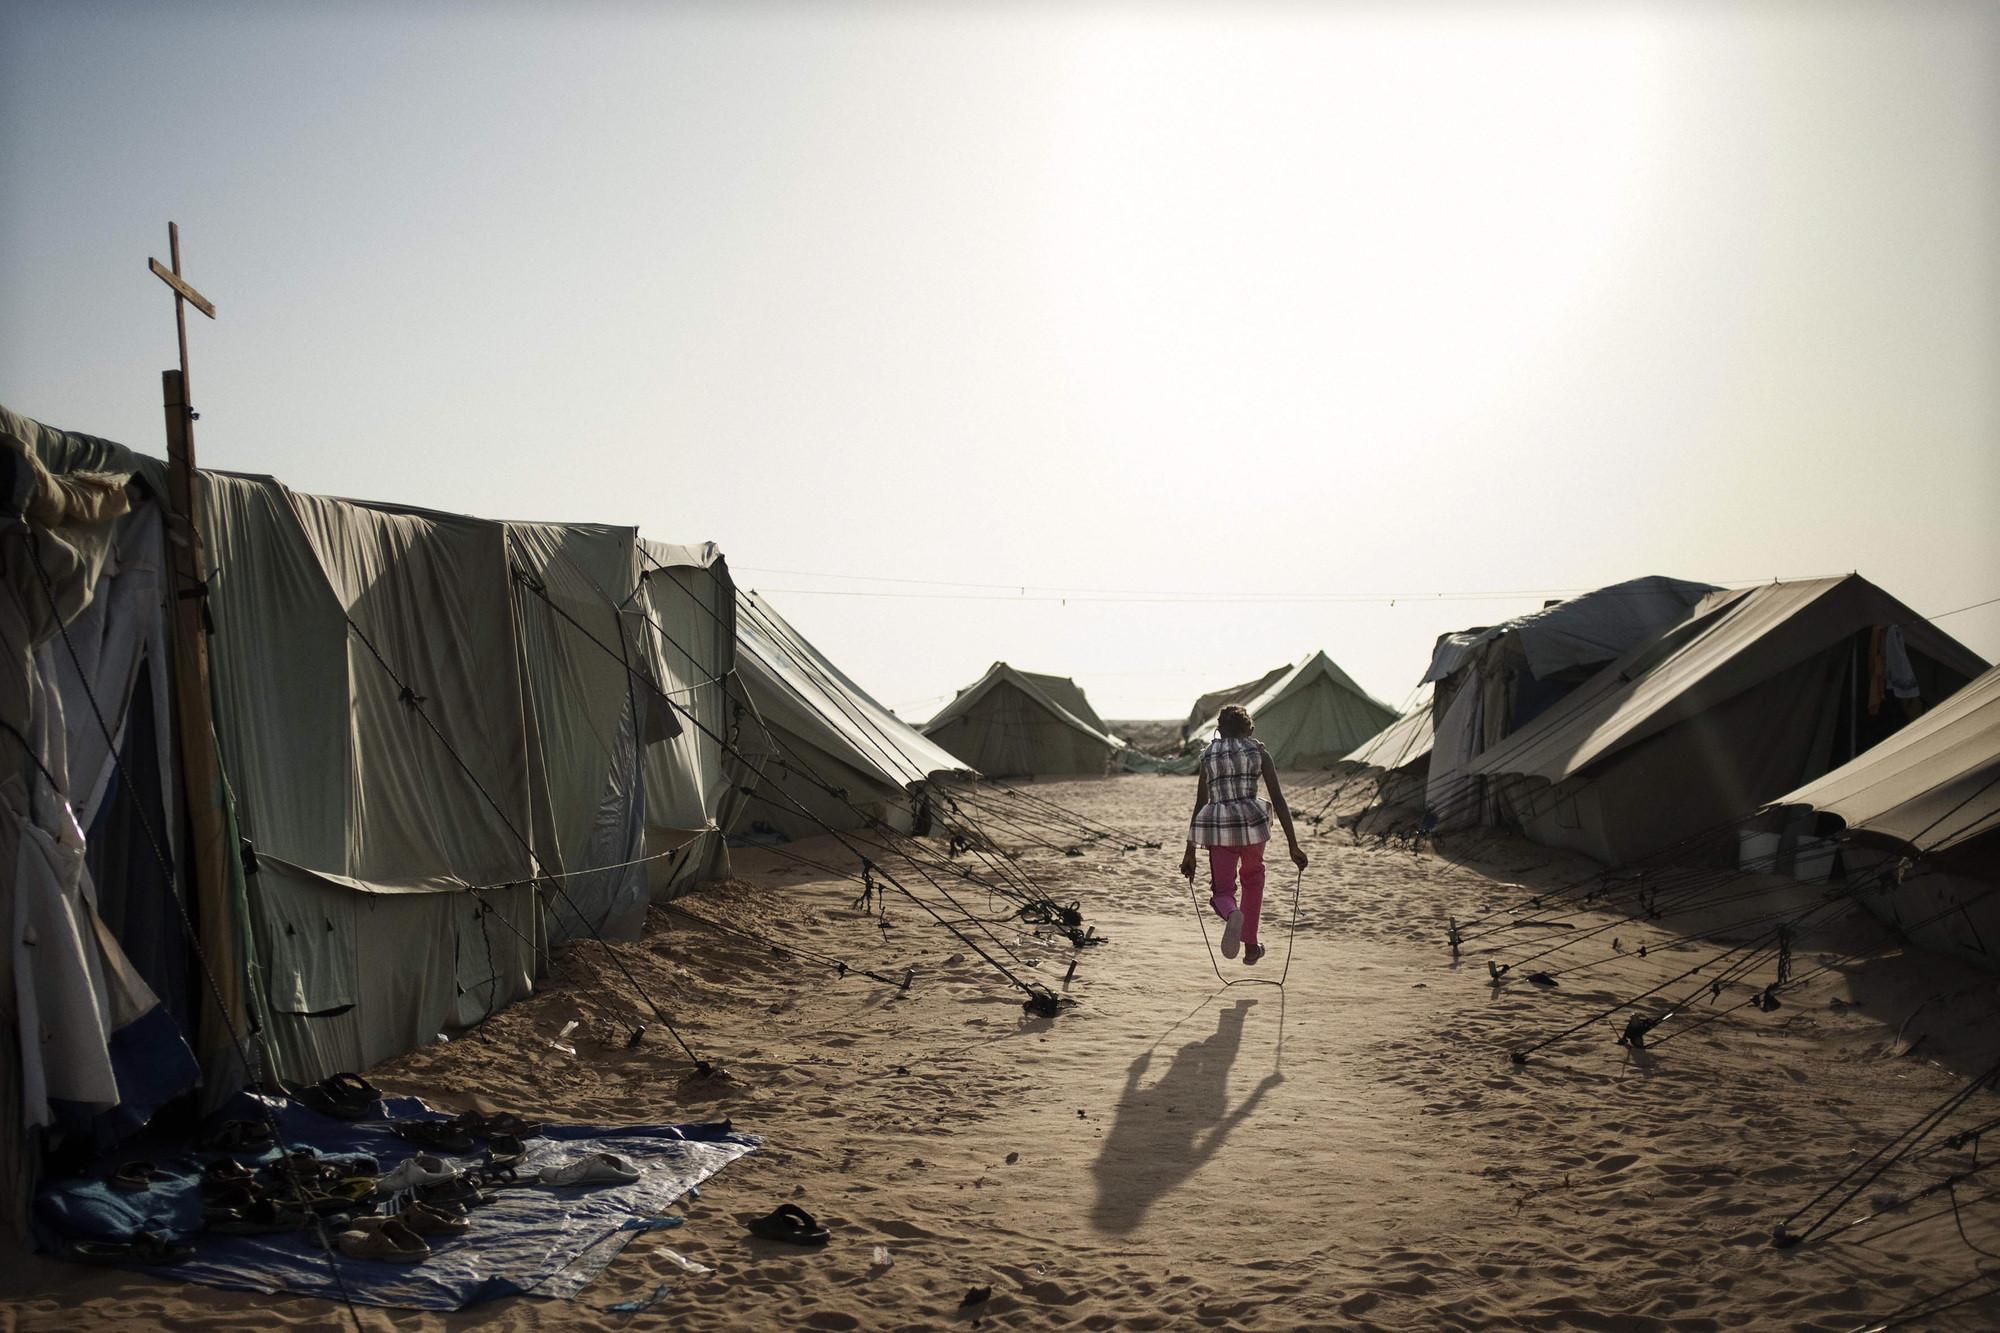 51c31f56b3fc4bc6cb00007b_a-refugee-camp-